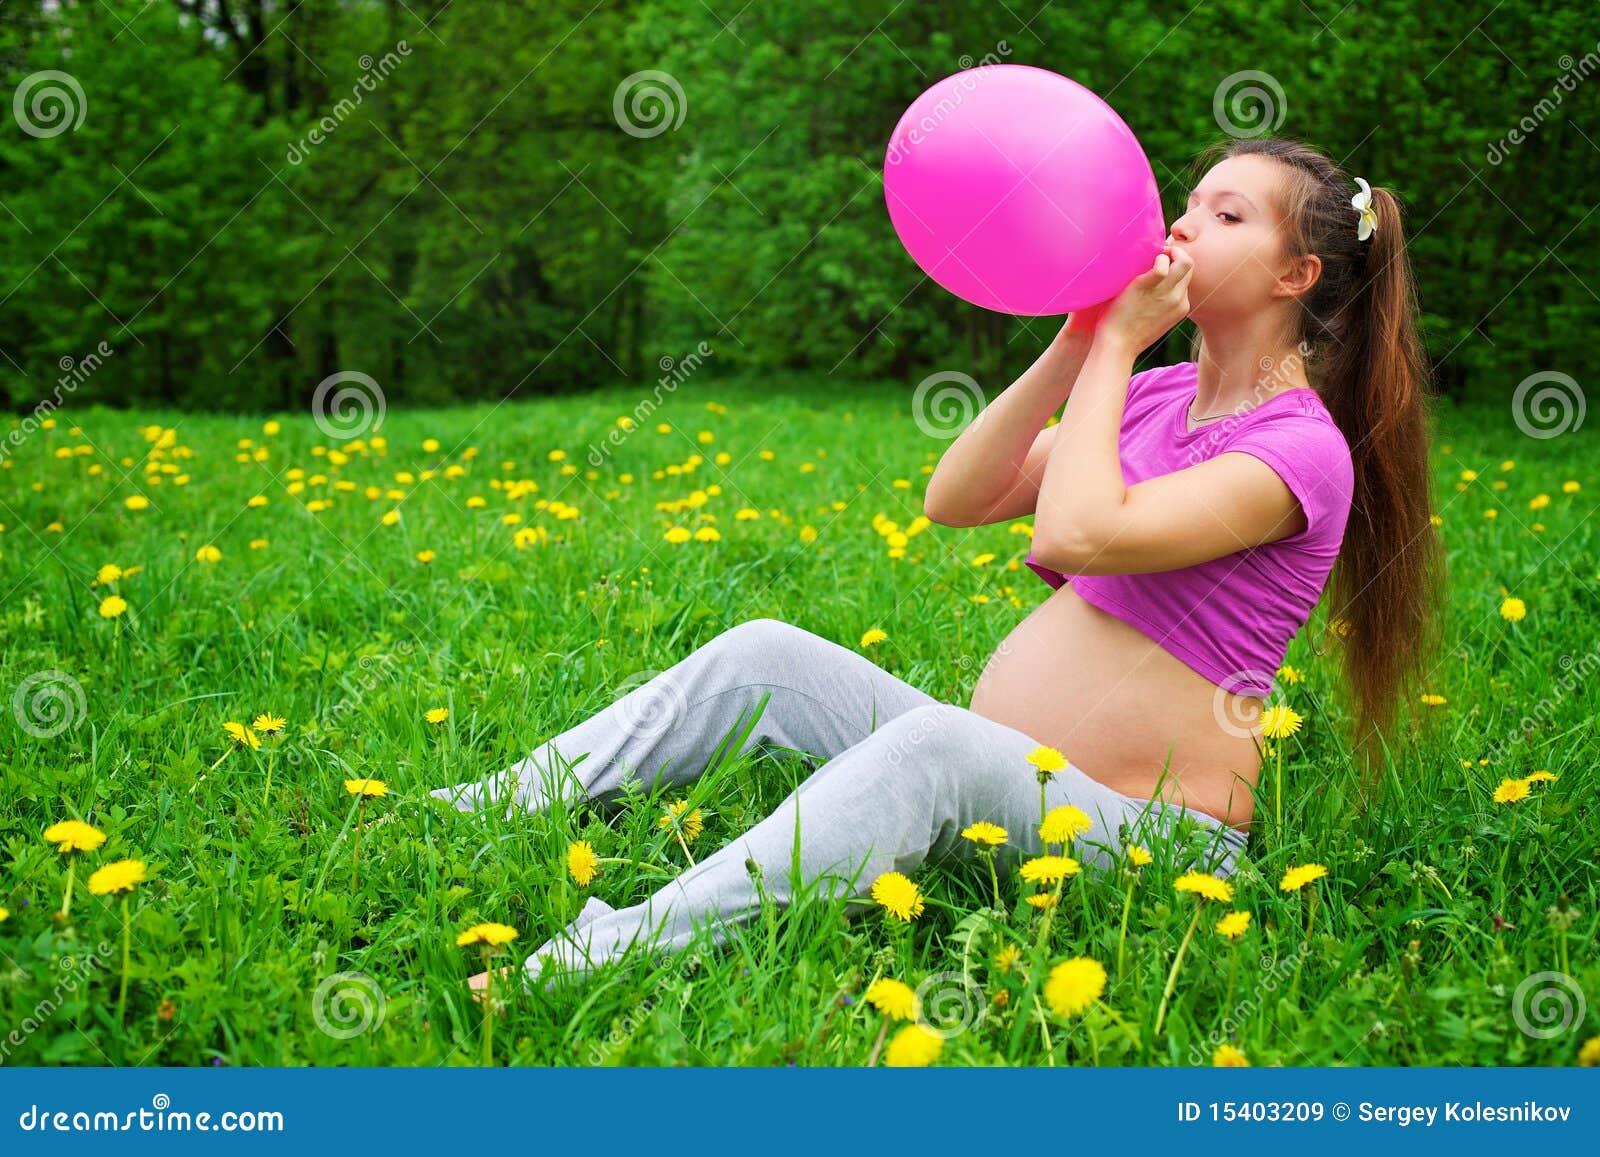 Фотосессия беременной на природе с шарами